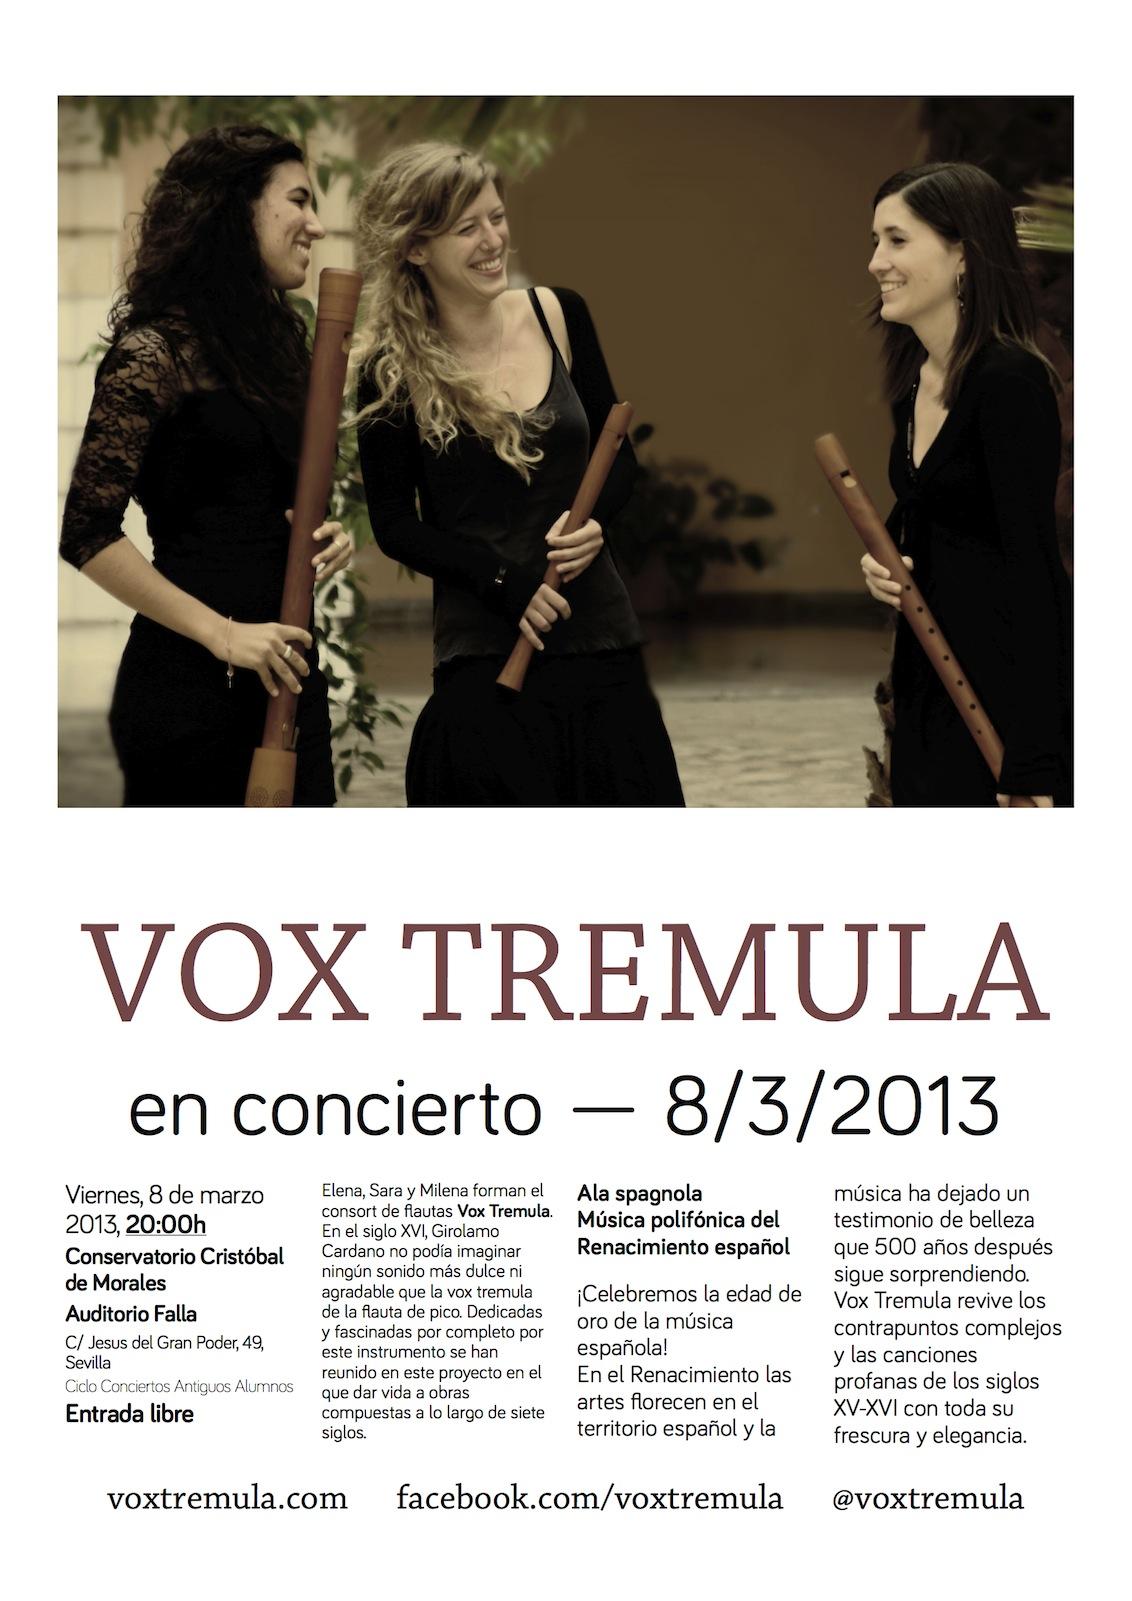 Vox Tremula en concierto